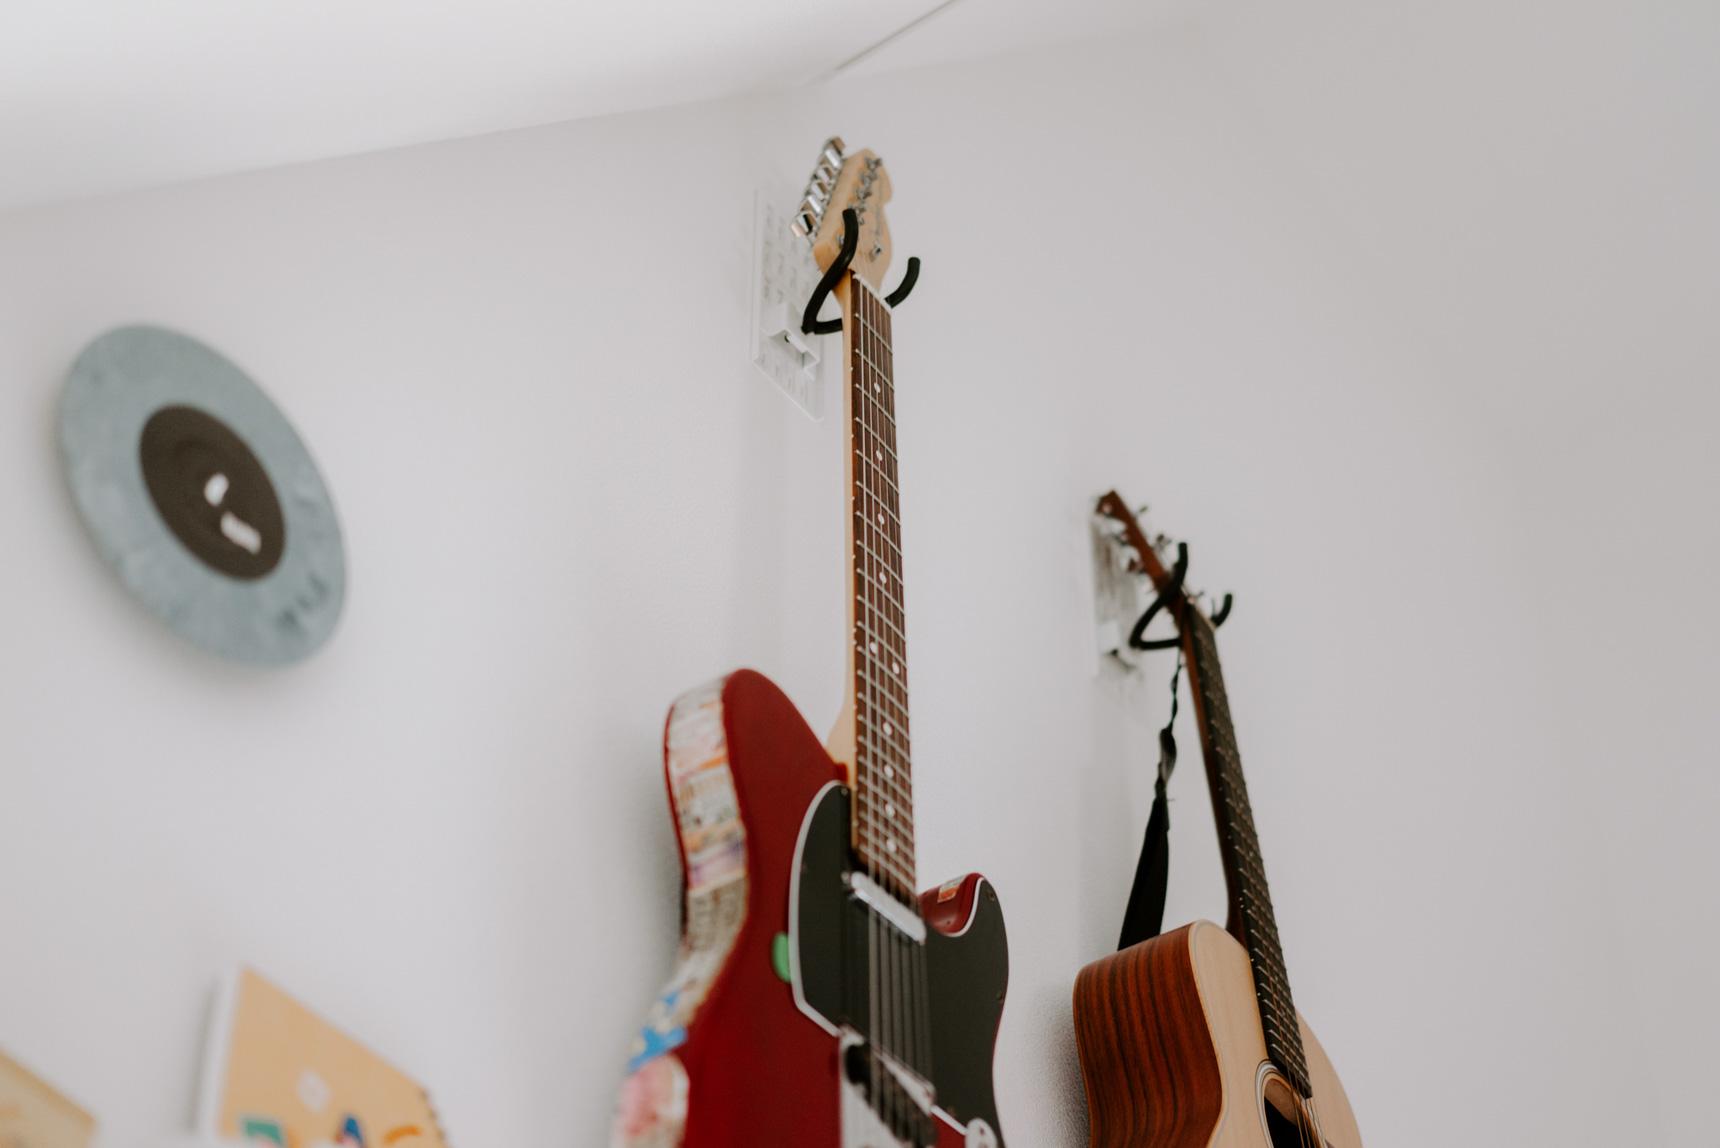 ギター専用のフックもあります!(このお部屋はこちら)